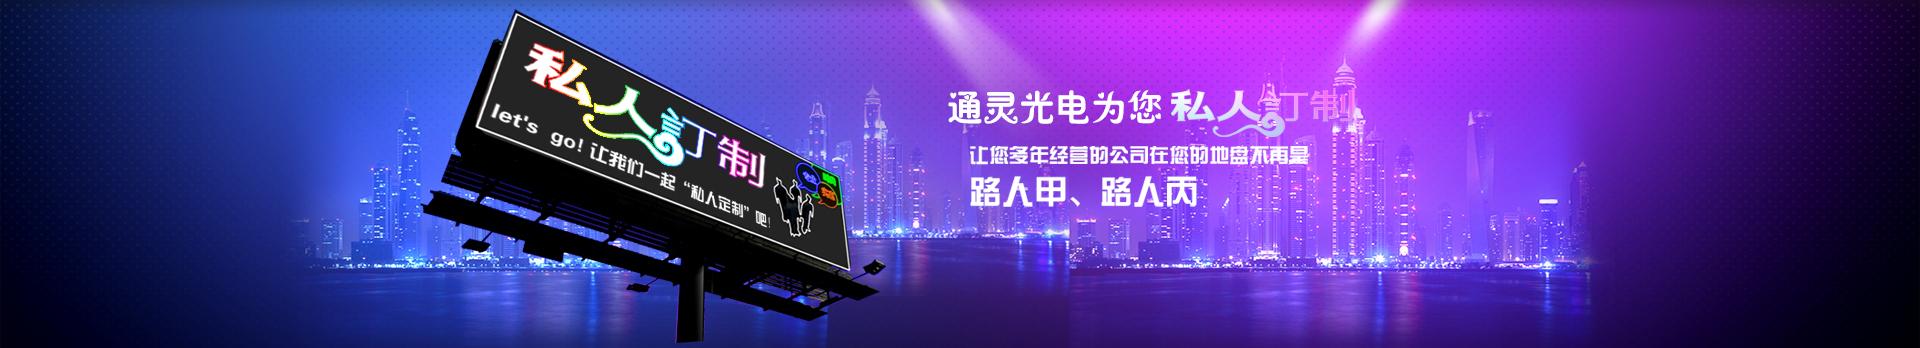 万博体育maxbextx手机注册市万博matext网页版登录商贸有限公司